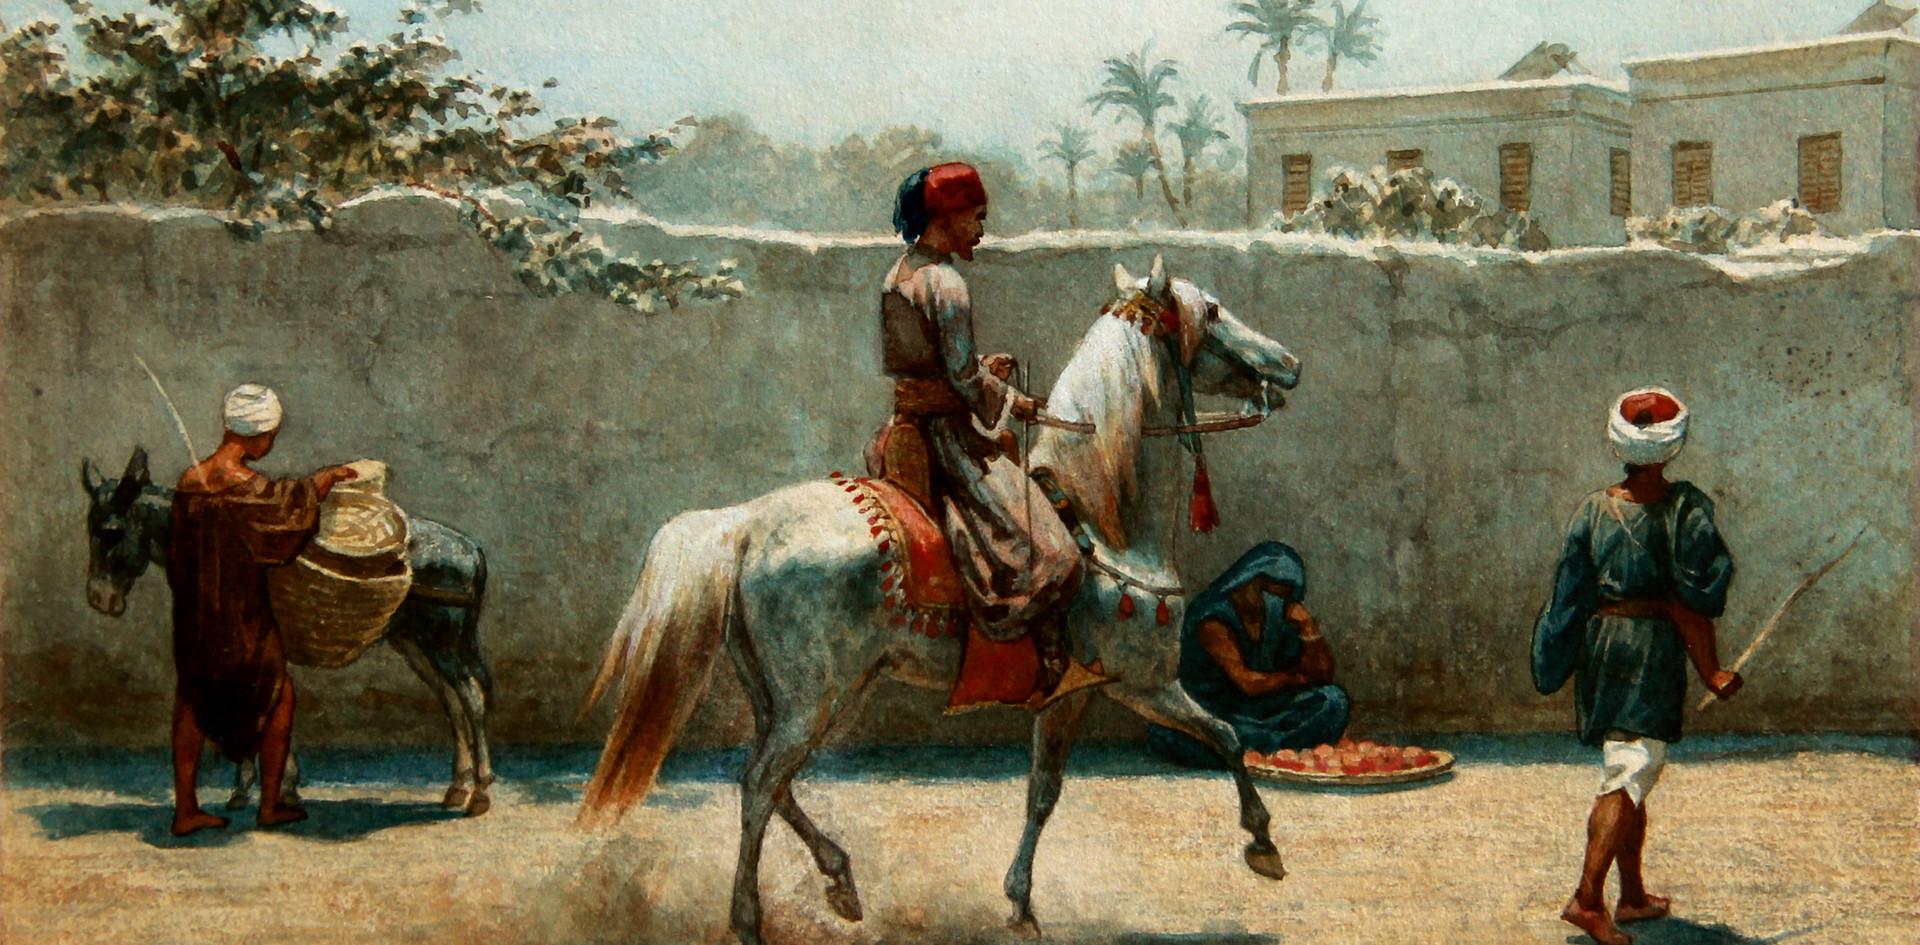 Willem Famars Testa 1834 - 1896